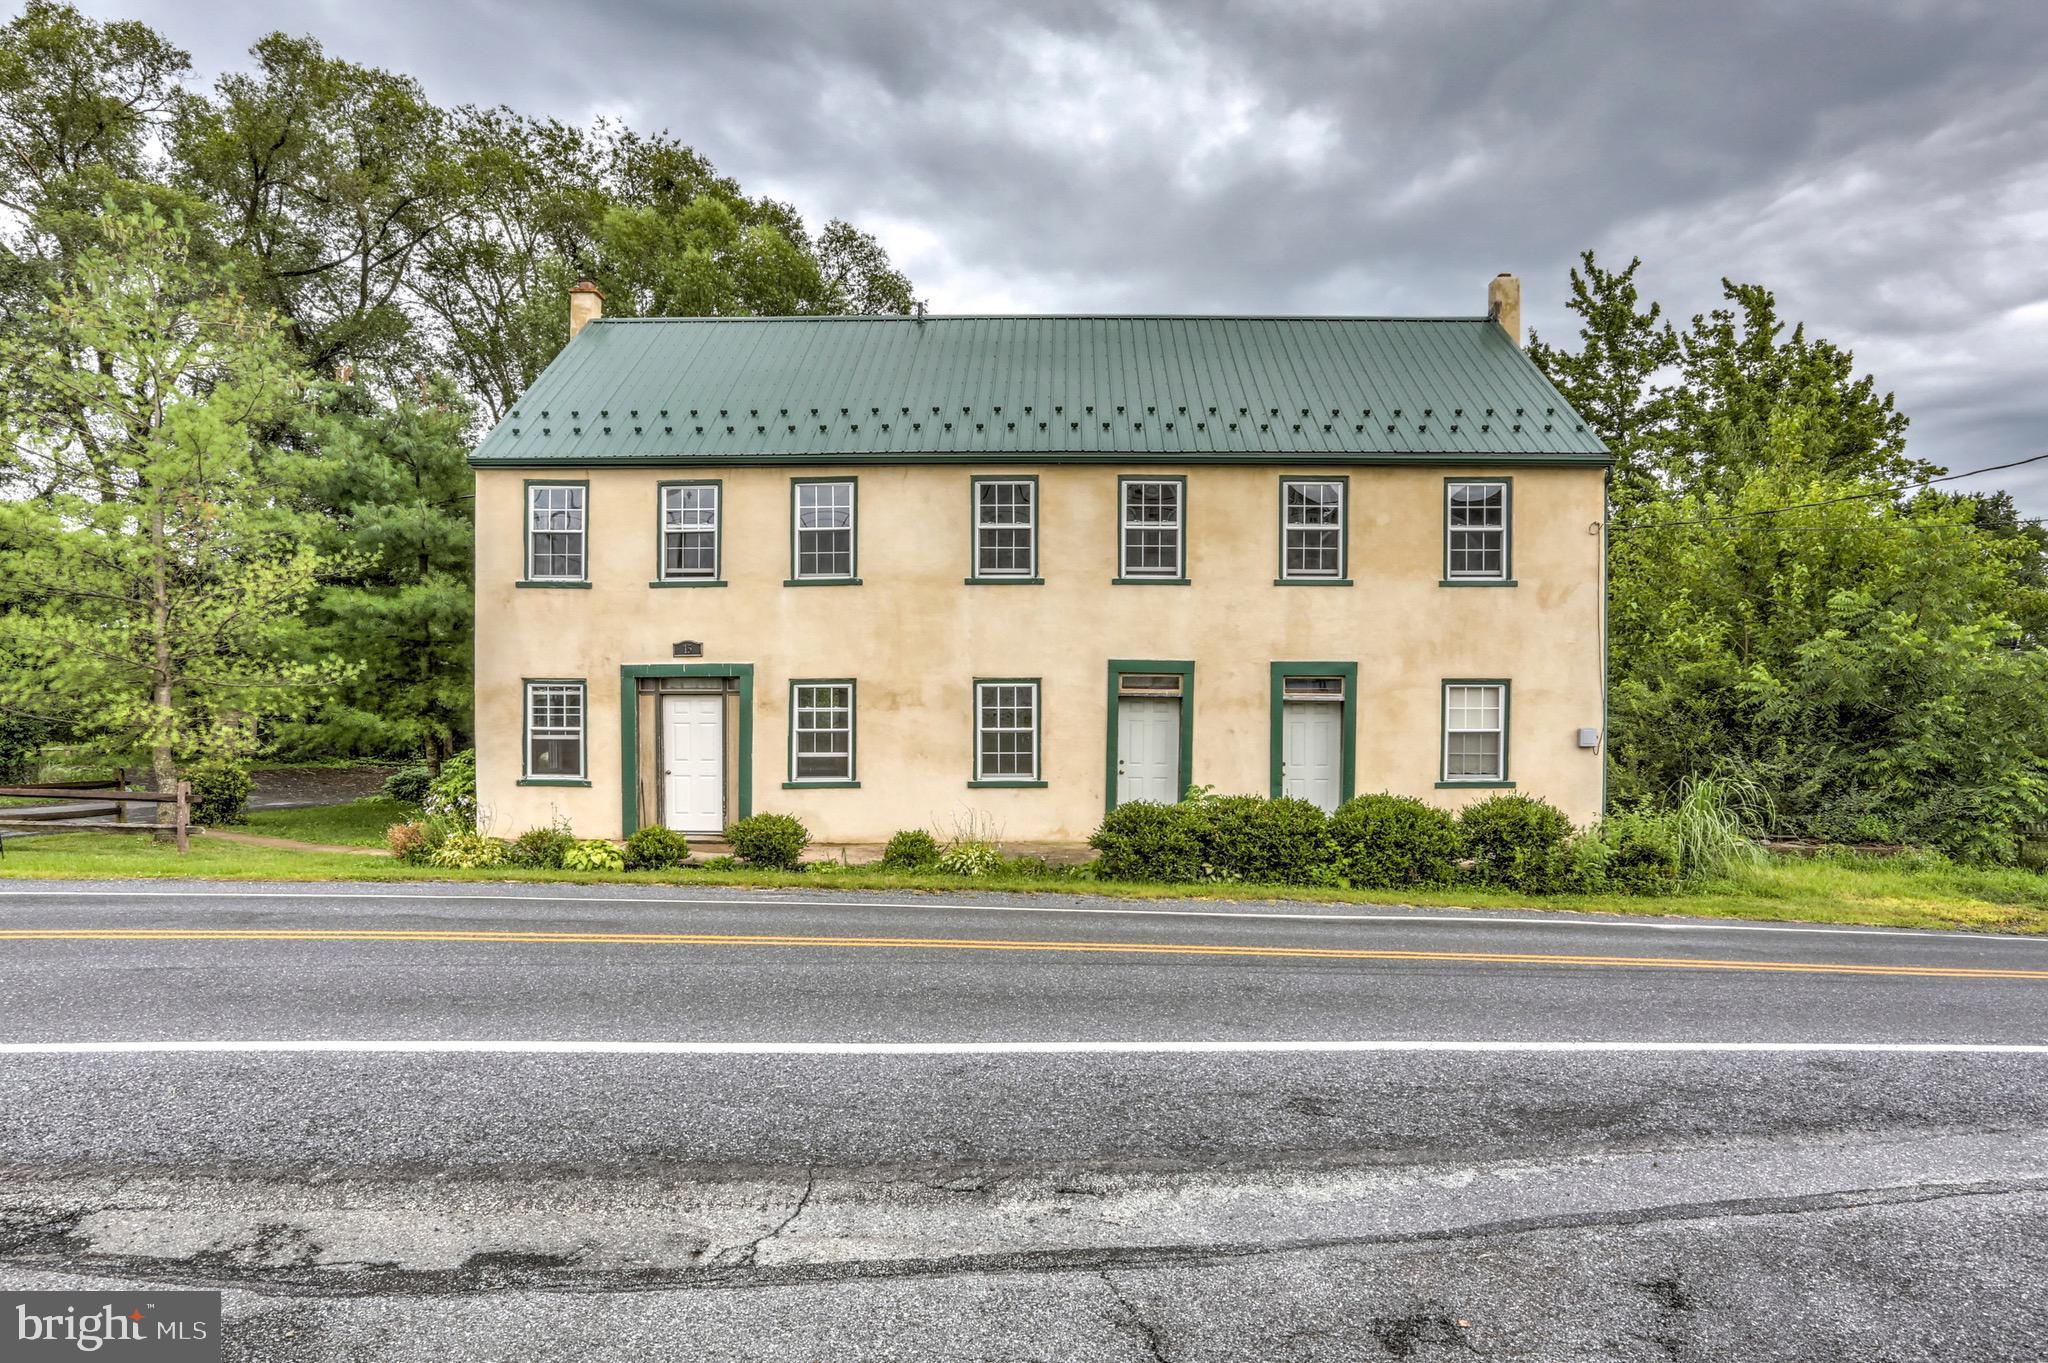 15 N BLAINSPORT ROAD, REINHOLDS, PA 17569